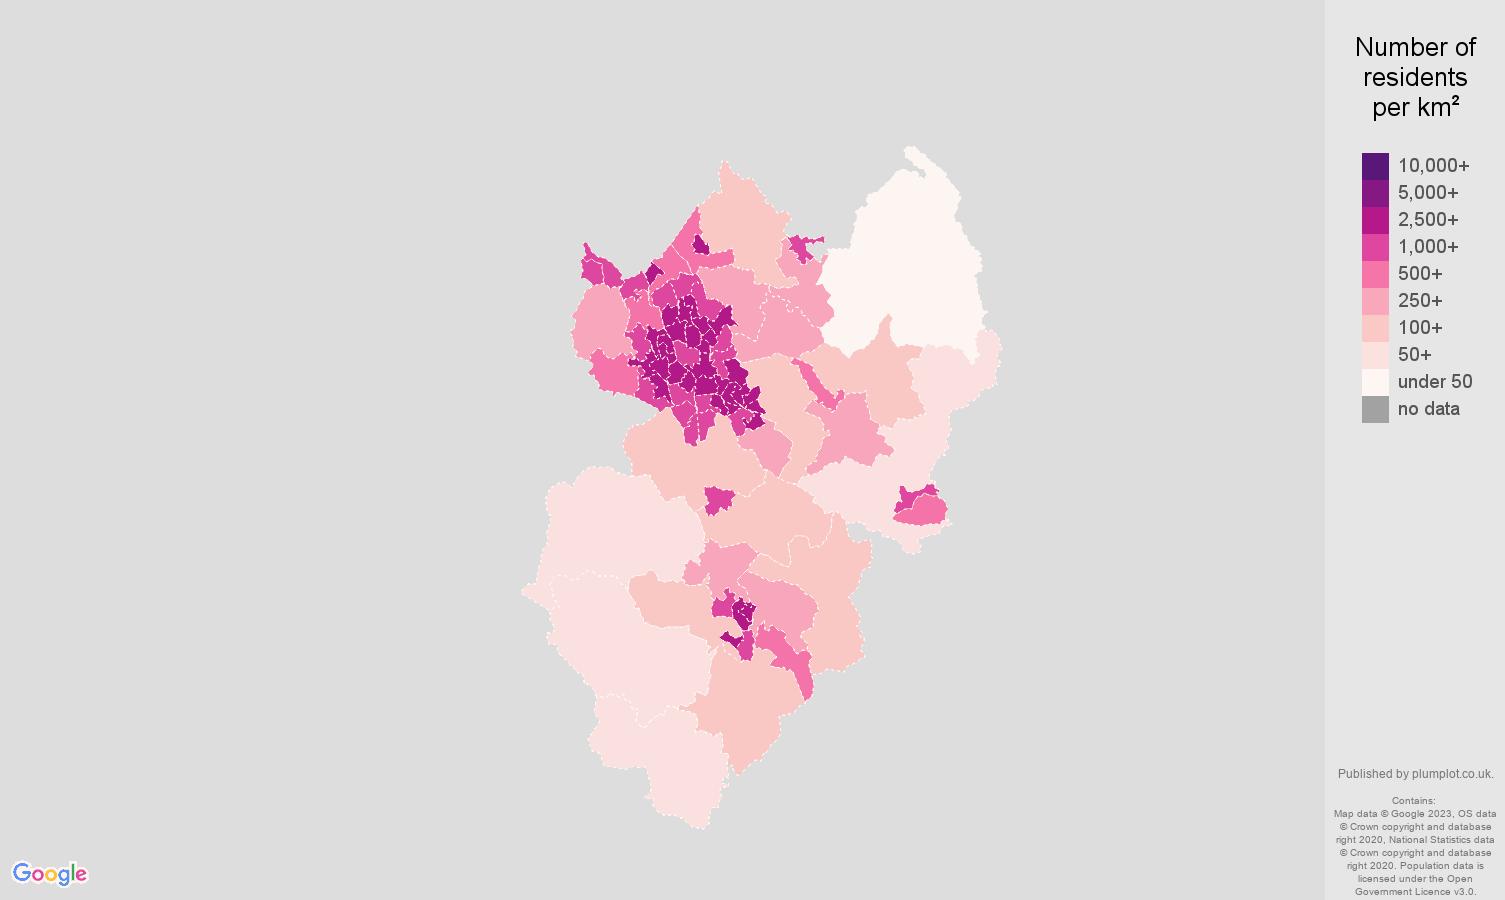 Stoke on Trent population density map